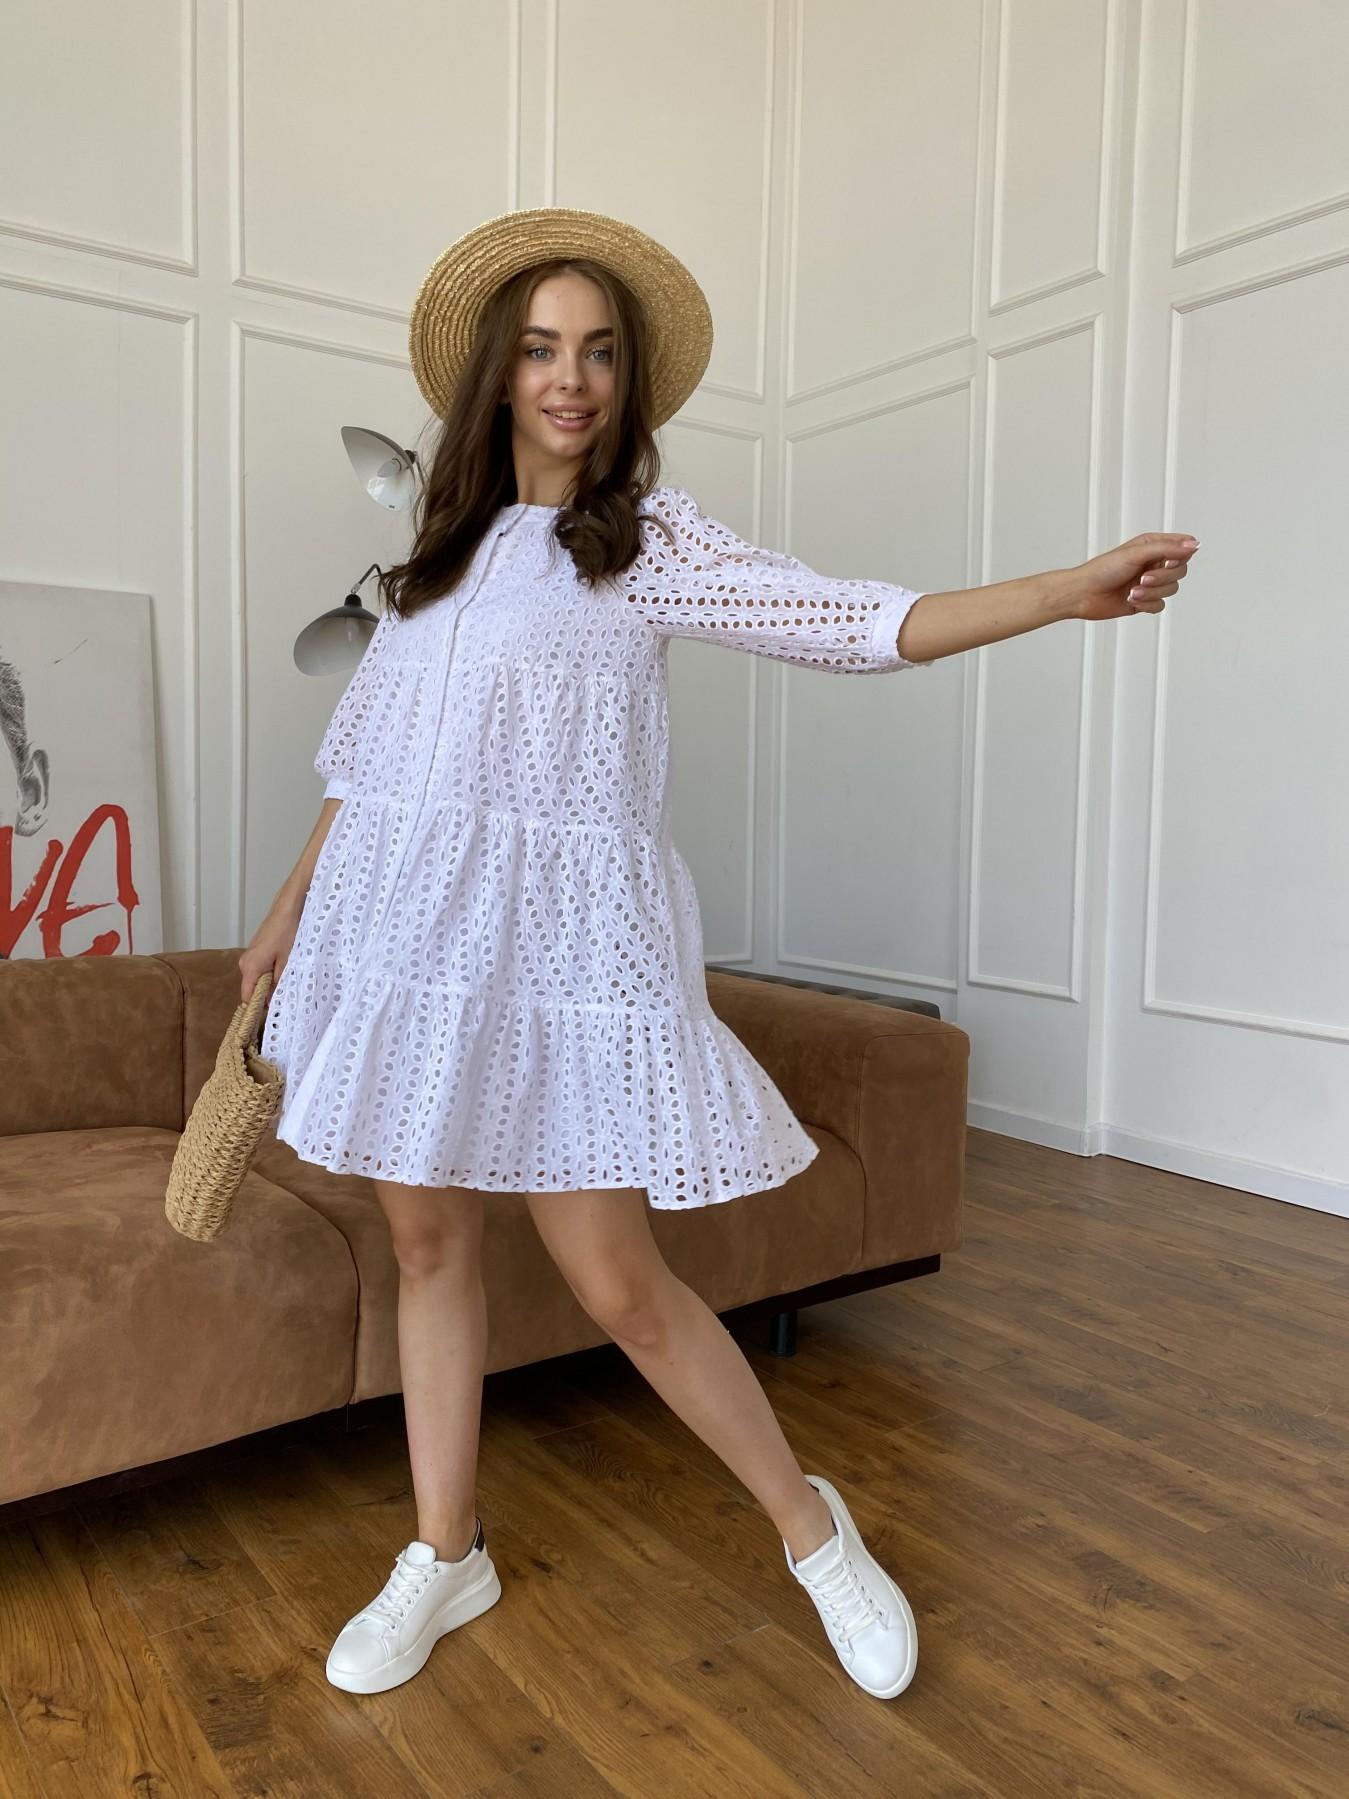 Берри платье из шитья 11490 АРТ. 48183 Цвет: Молоко/КрупЦветПерфор - фото 5, интернет магазин tm-modus.ru